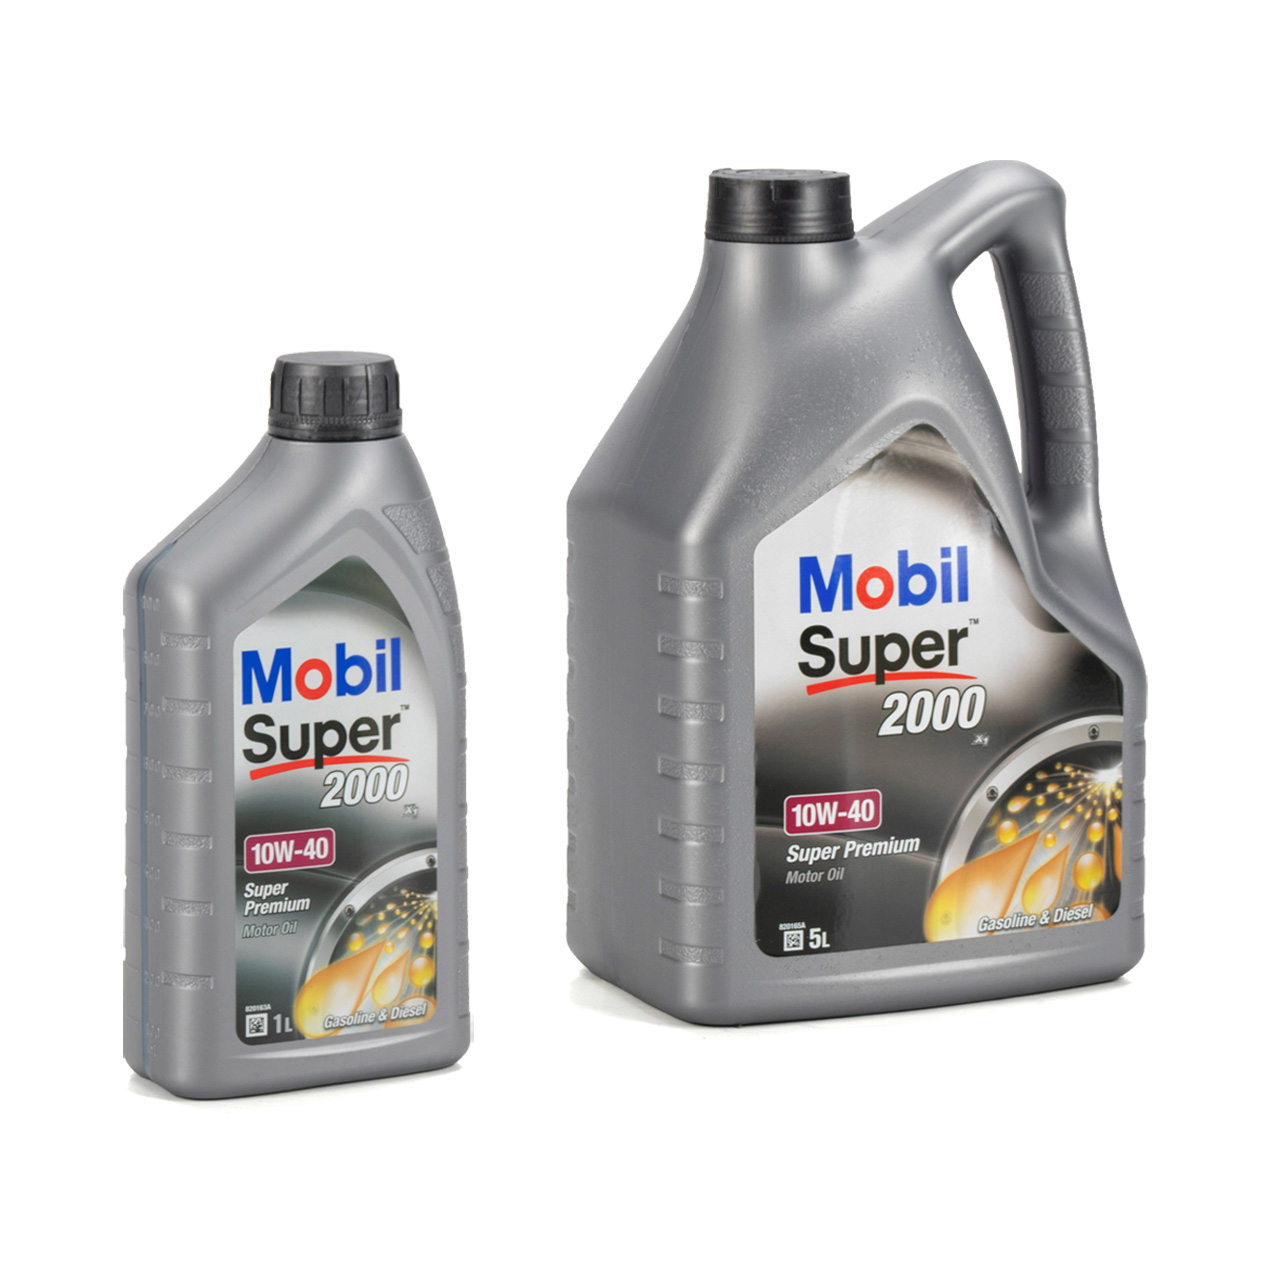 Mobil SUPER 2000 X1 10W40 Super Premium Motoröl Öl VW 501.01/505.00 - 6L 6 Liter